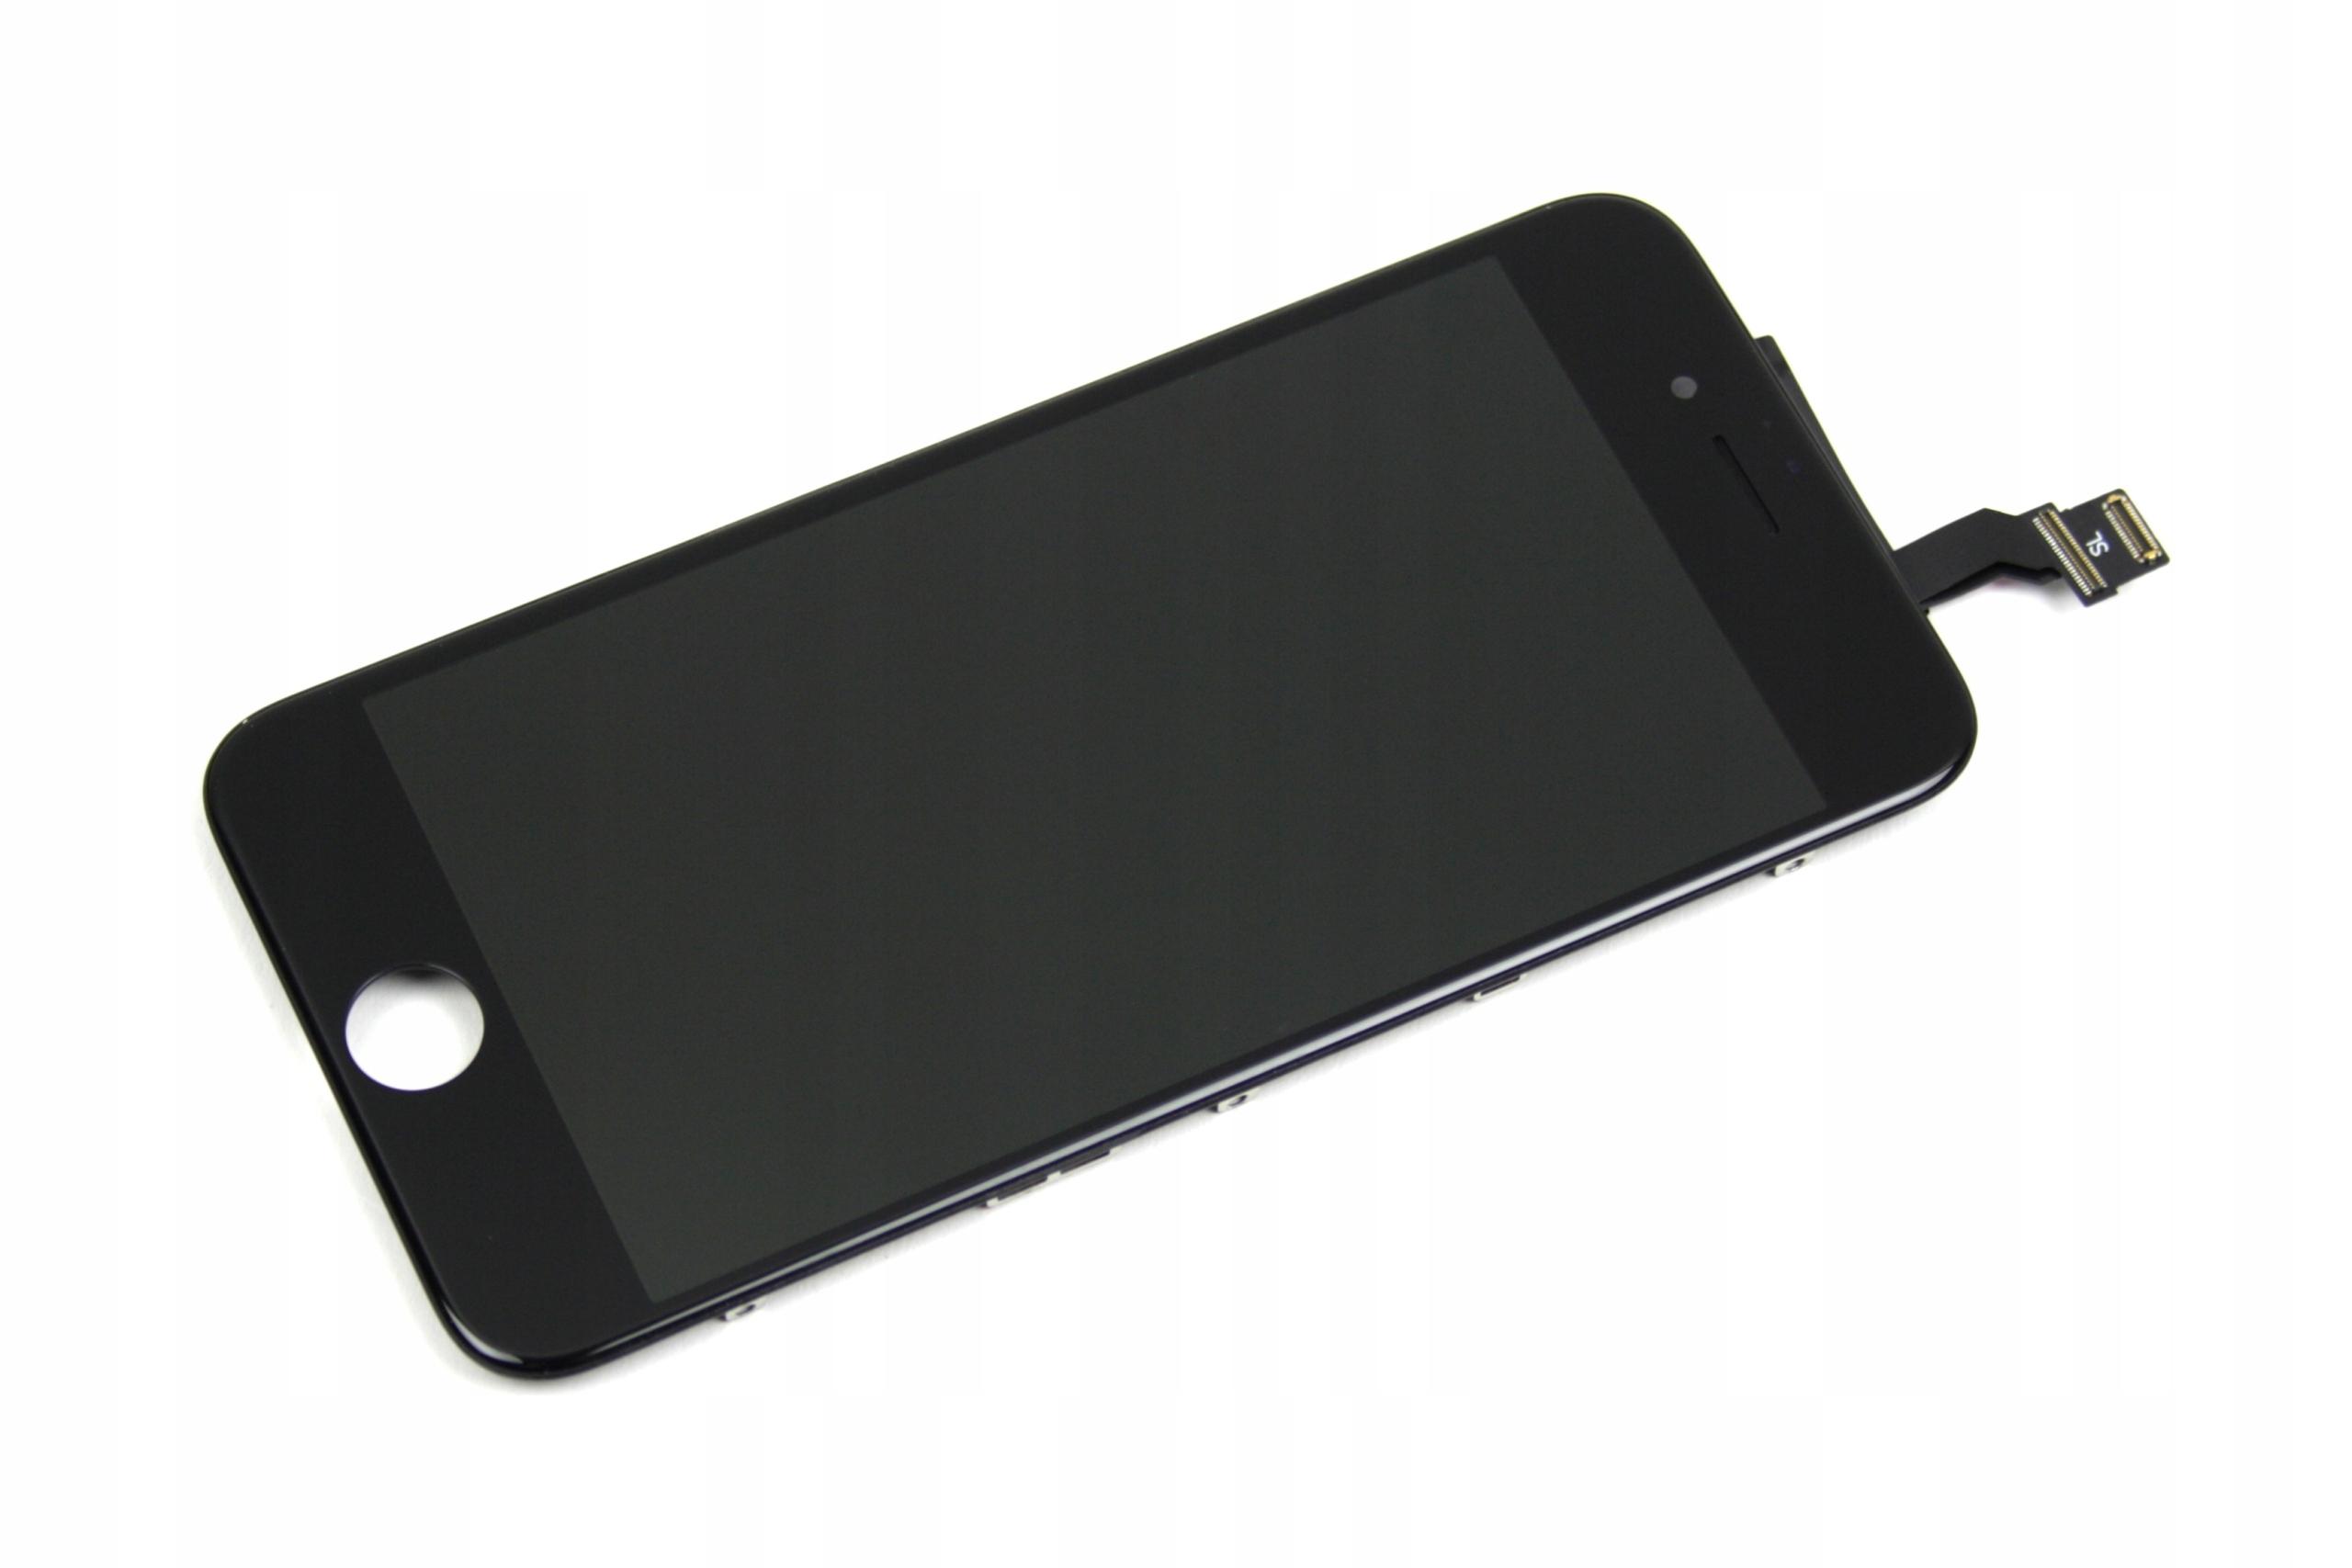 LCD WYŚWIETLACZ IPHONE 6 DIGITIZER CZARNY APPLE 6G